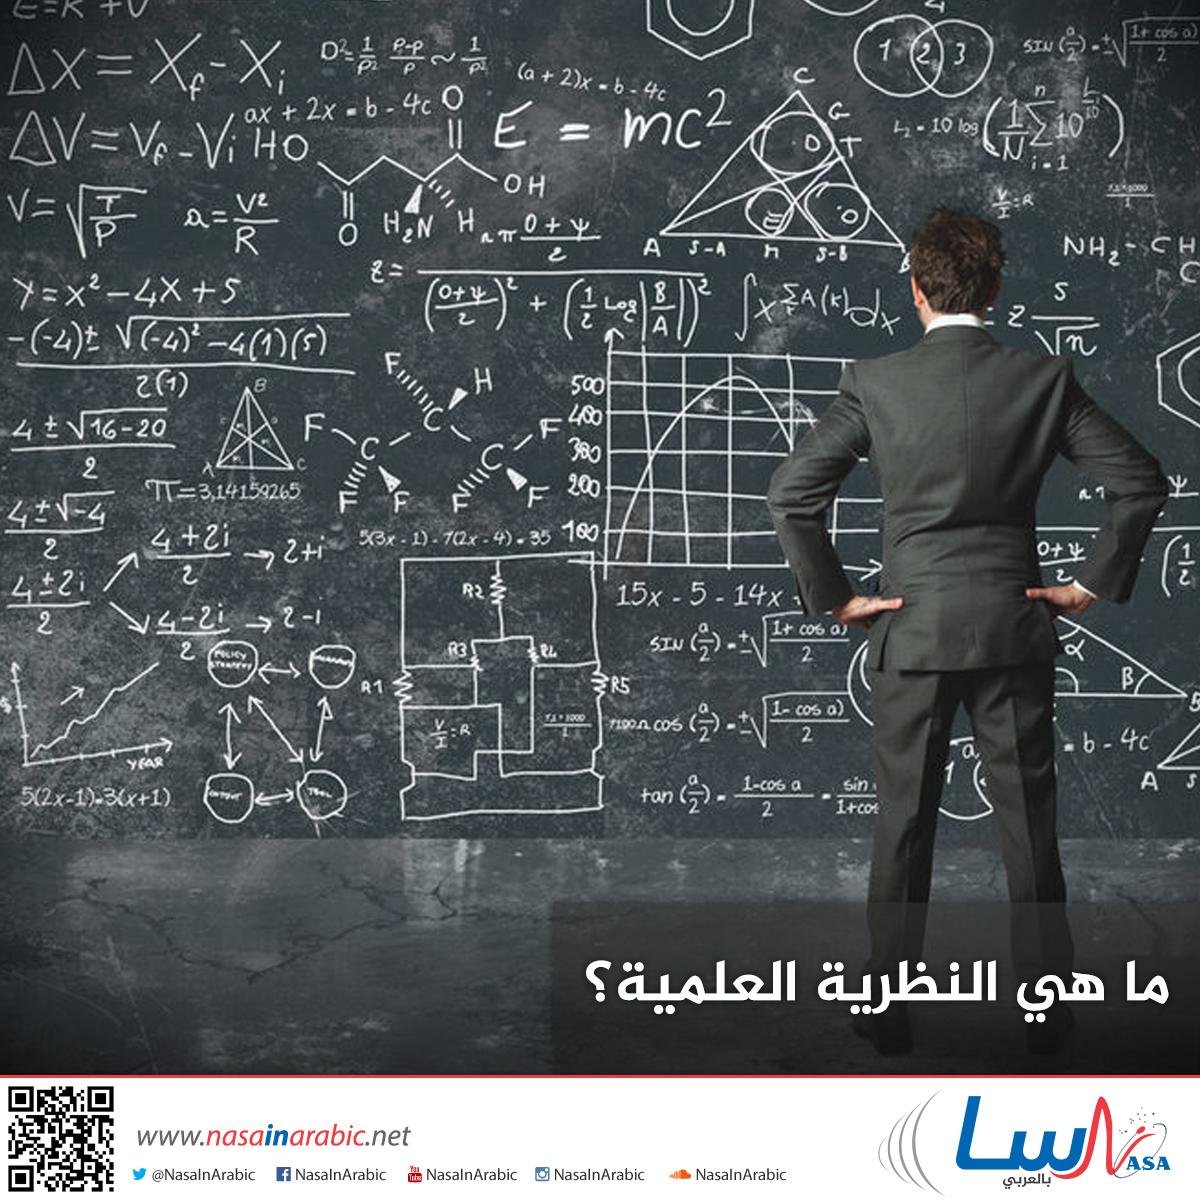 ما هي النظرية العلمية؟